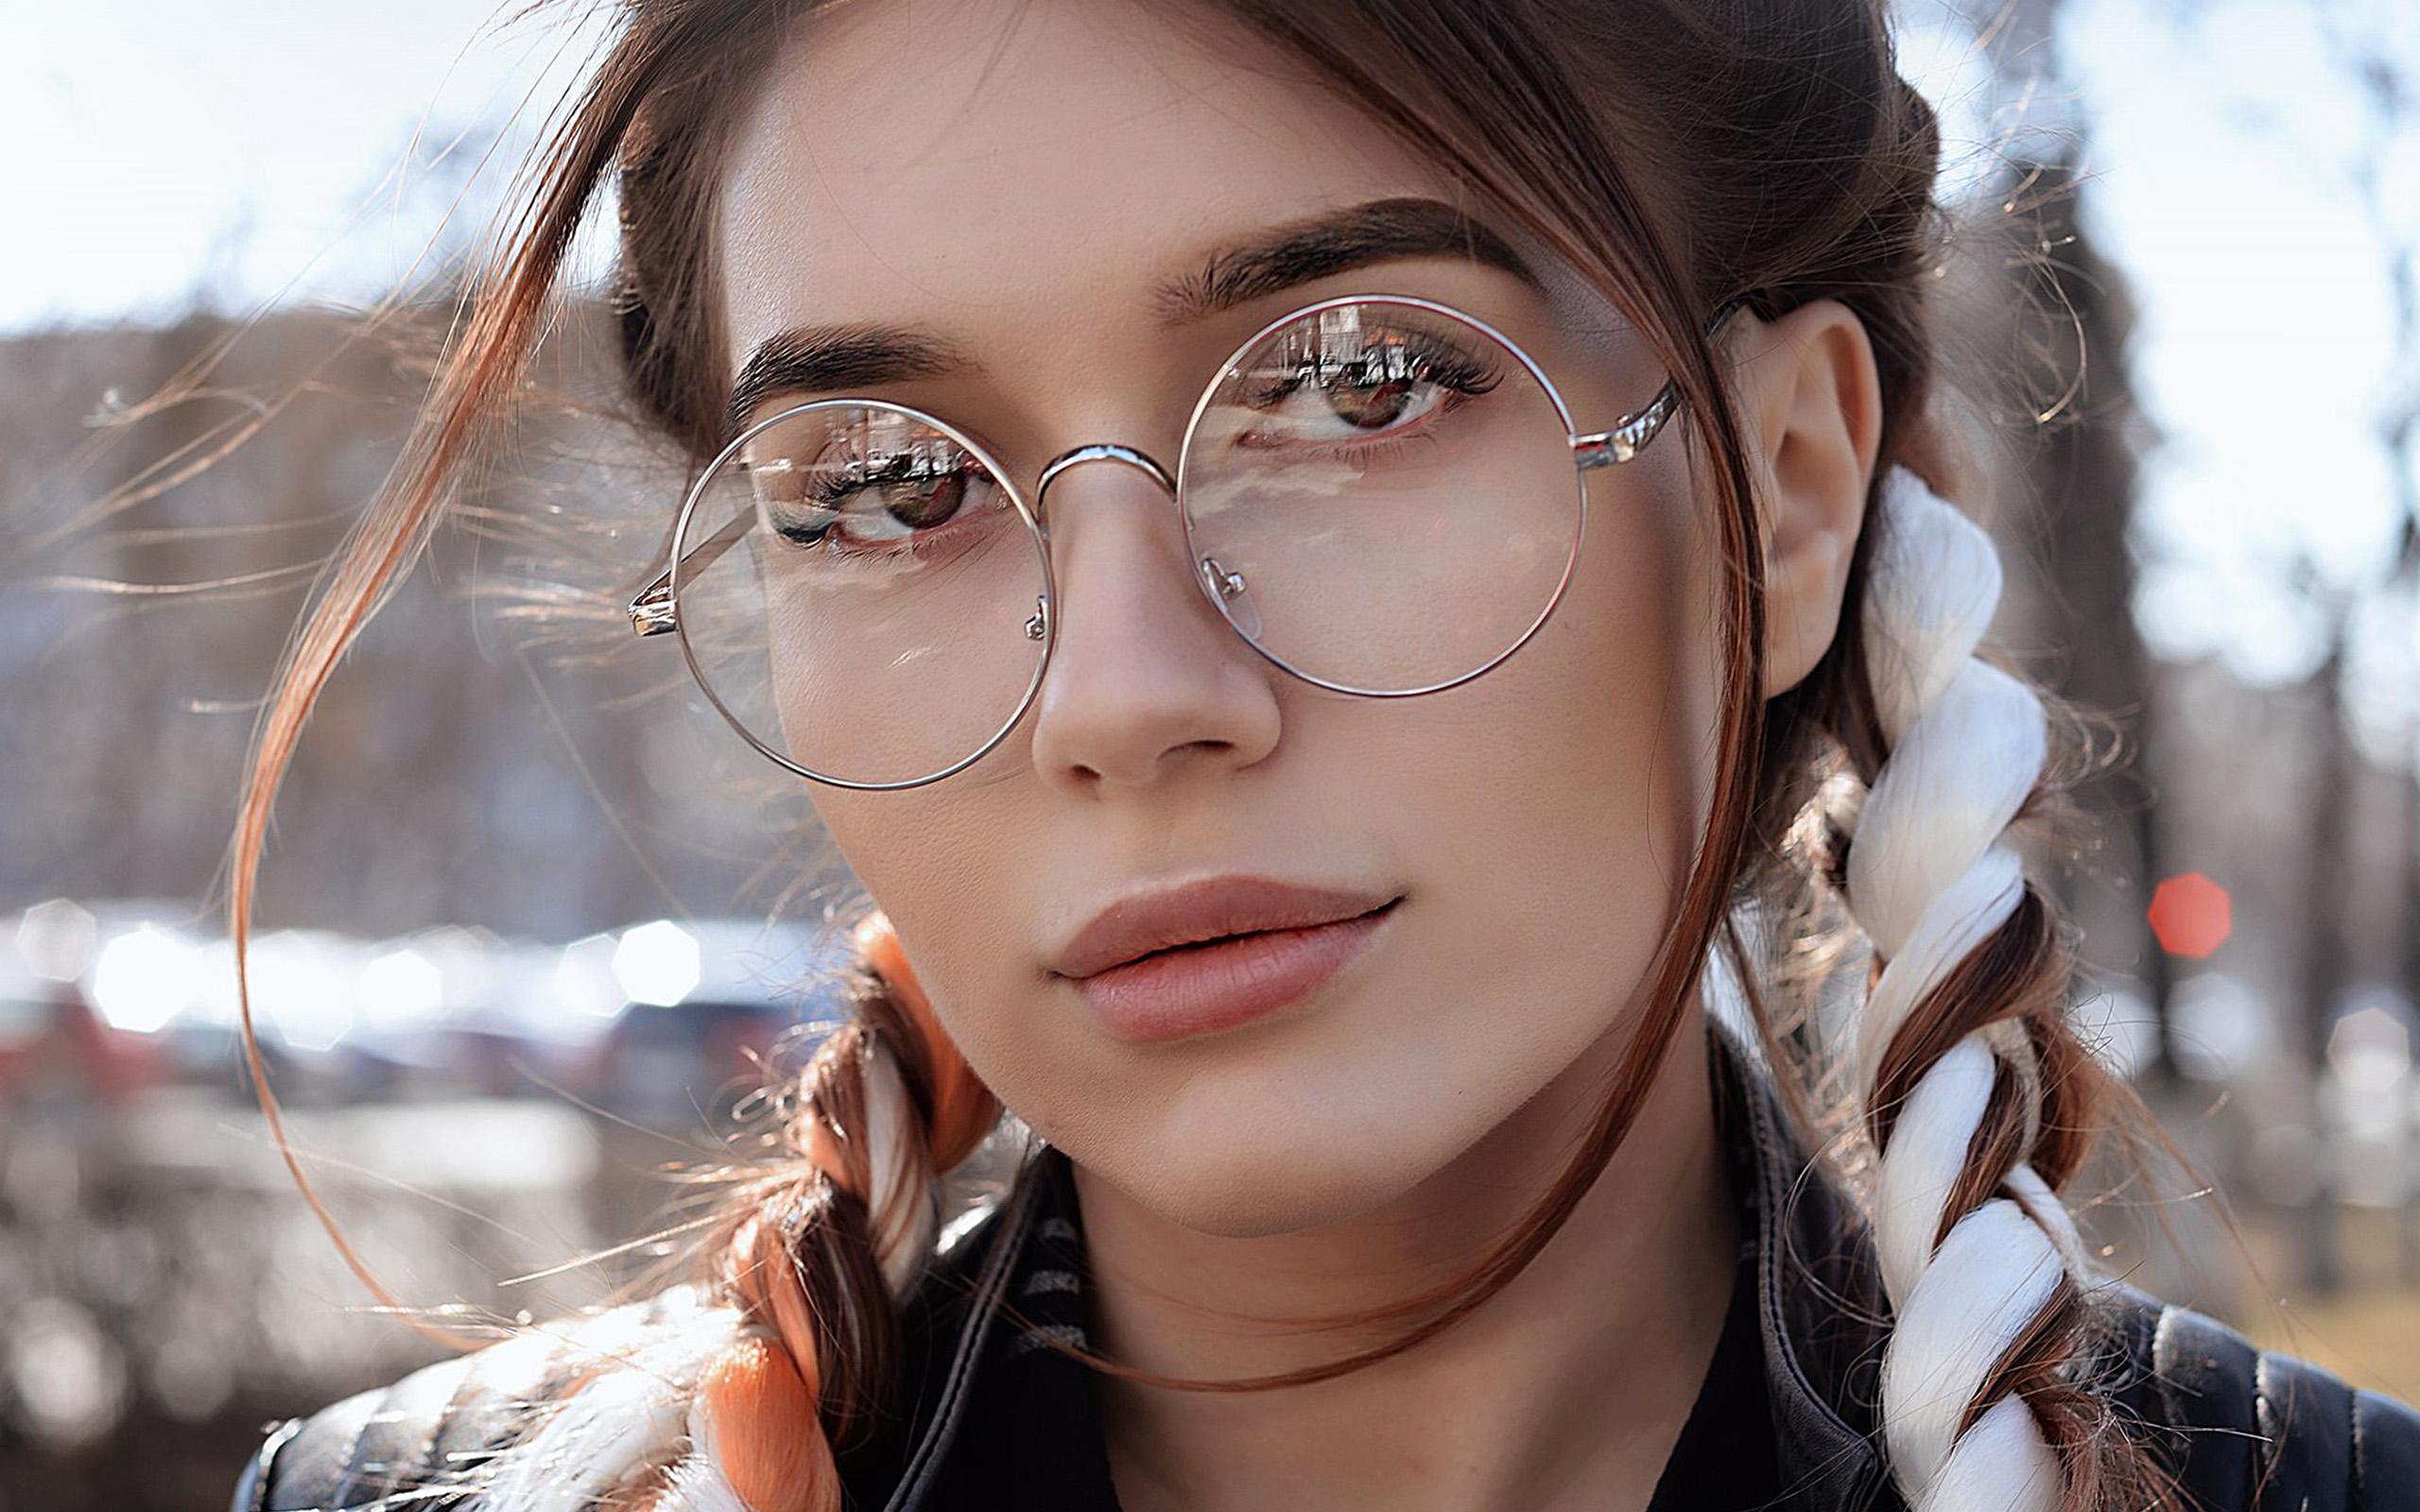 hp49-dua-lipa-girl-glasses-wallpaper